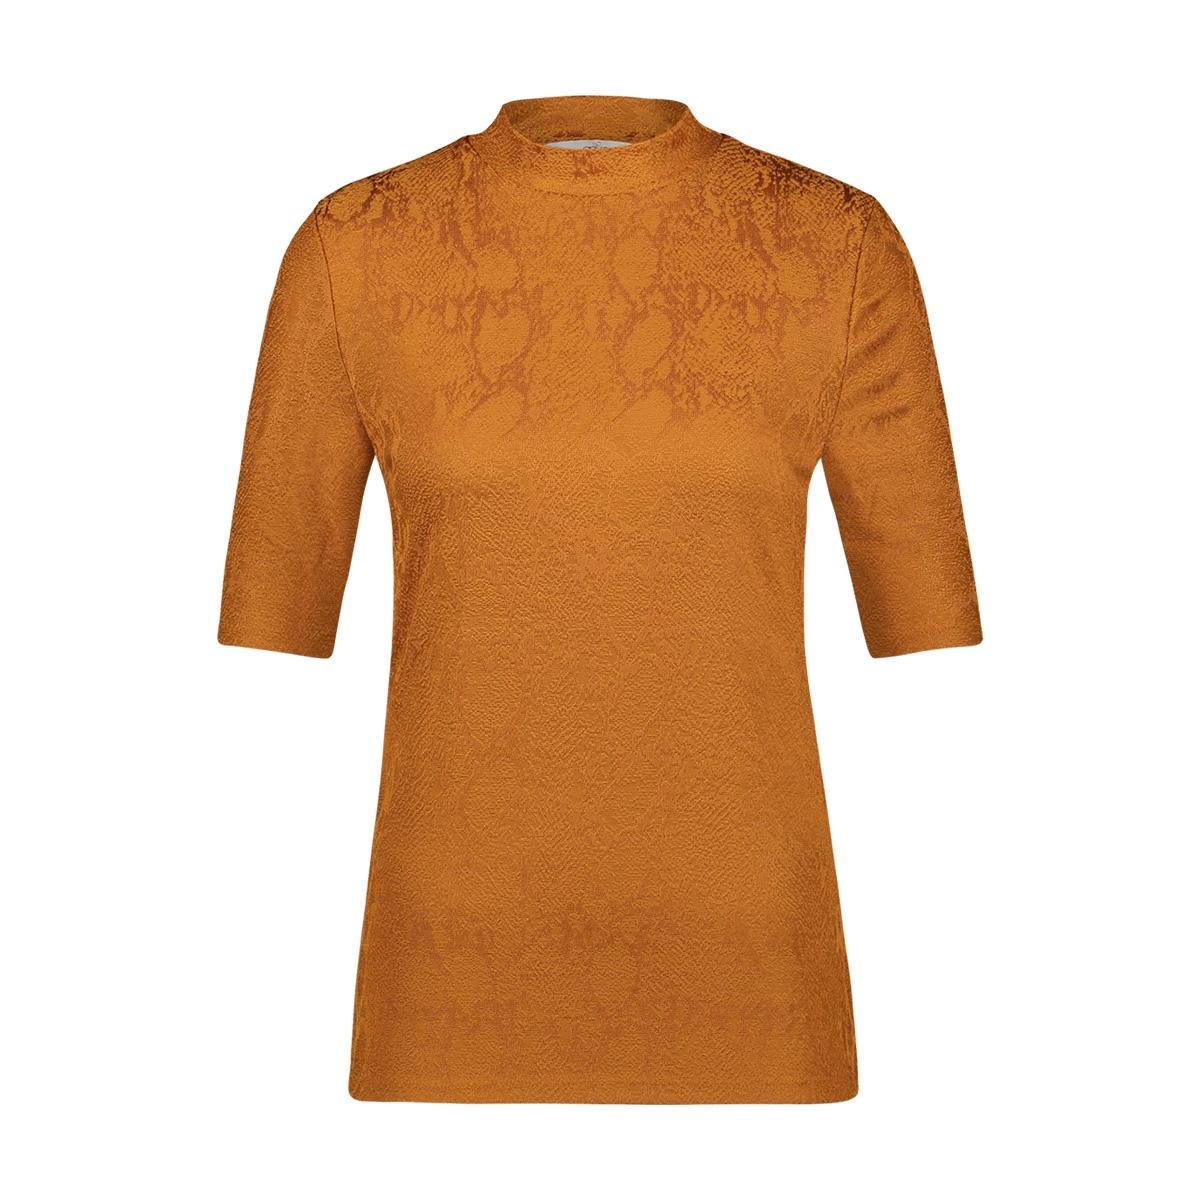 suraya vis 142 aaiko t-shirt sudan brown